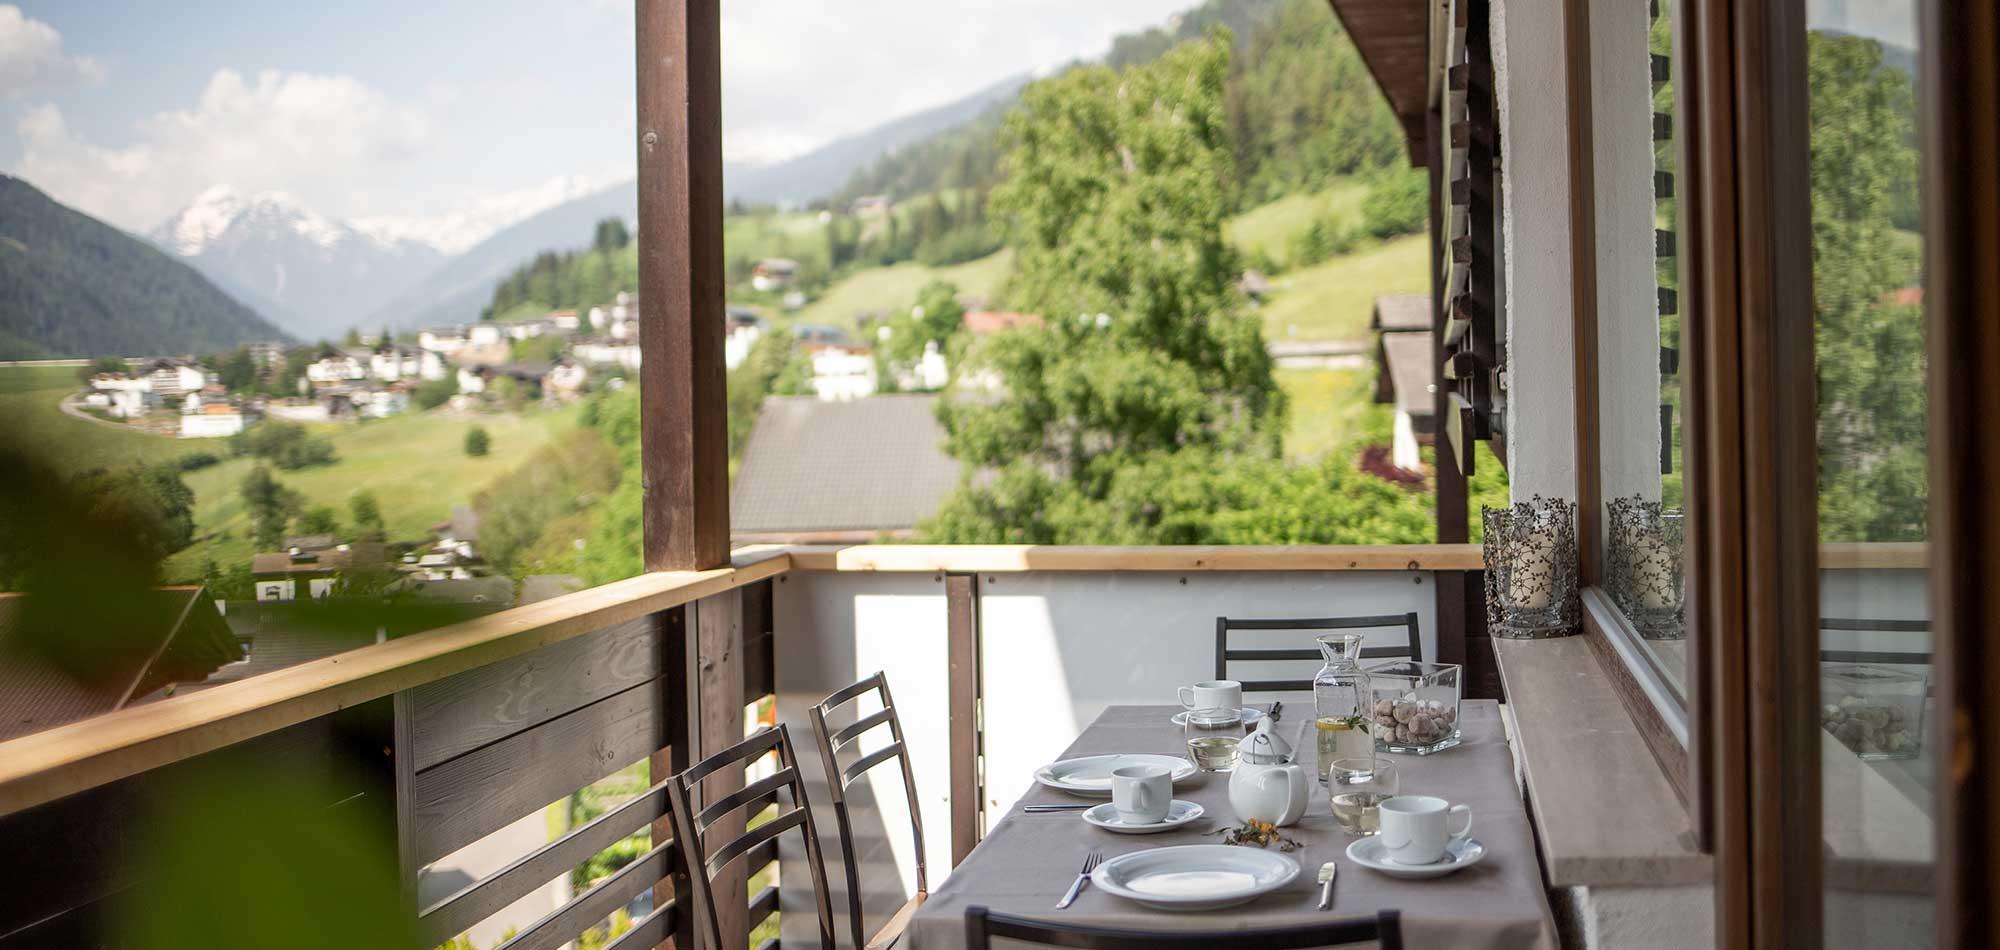 Apartemento balcone colazione